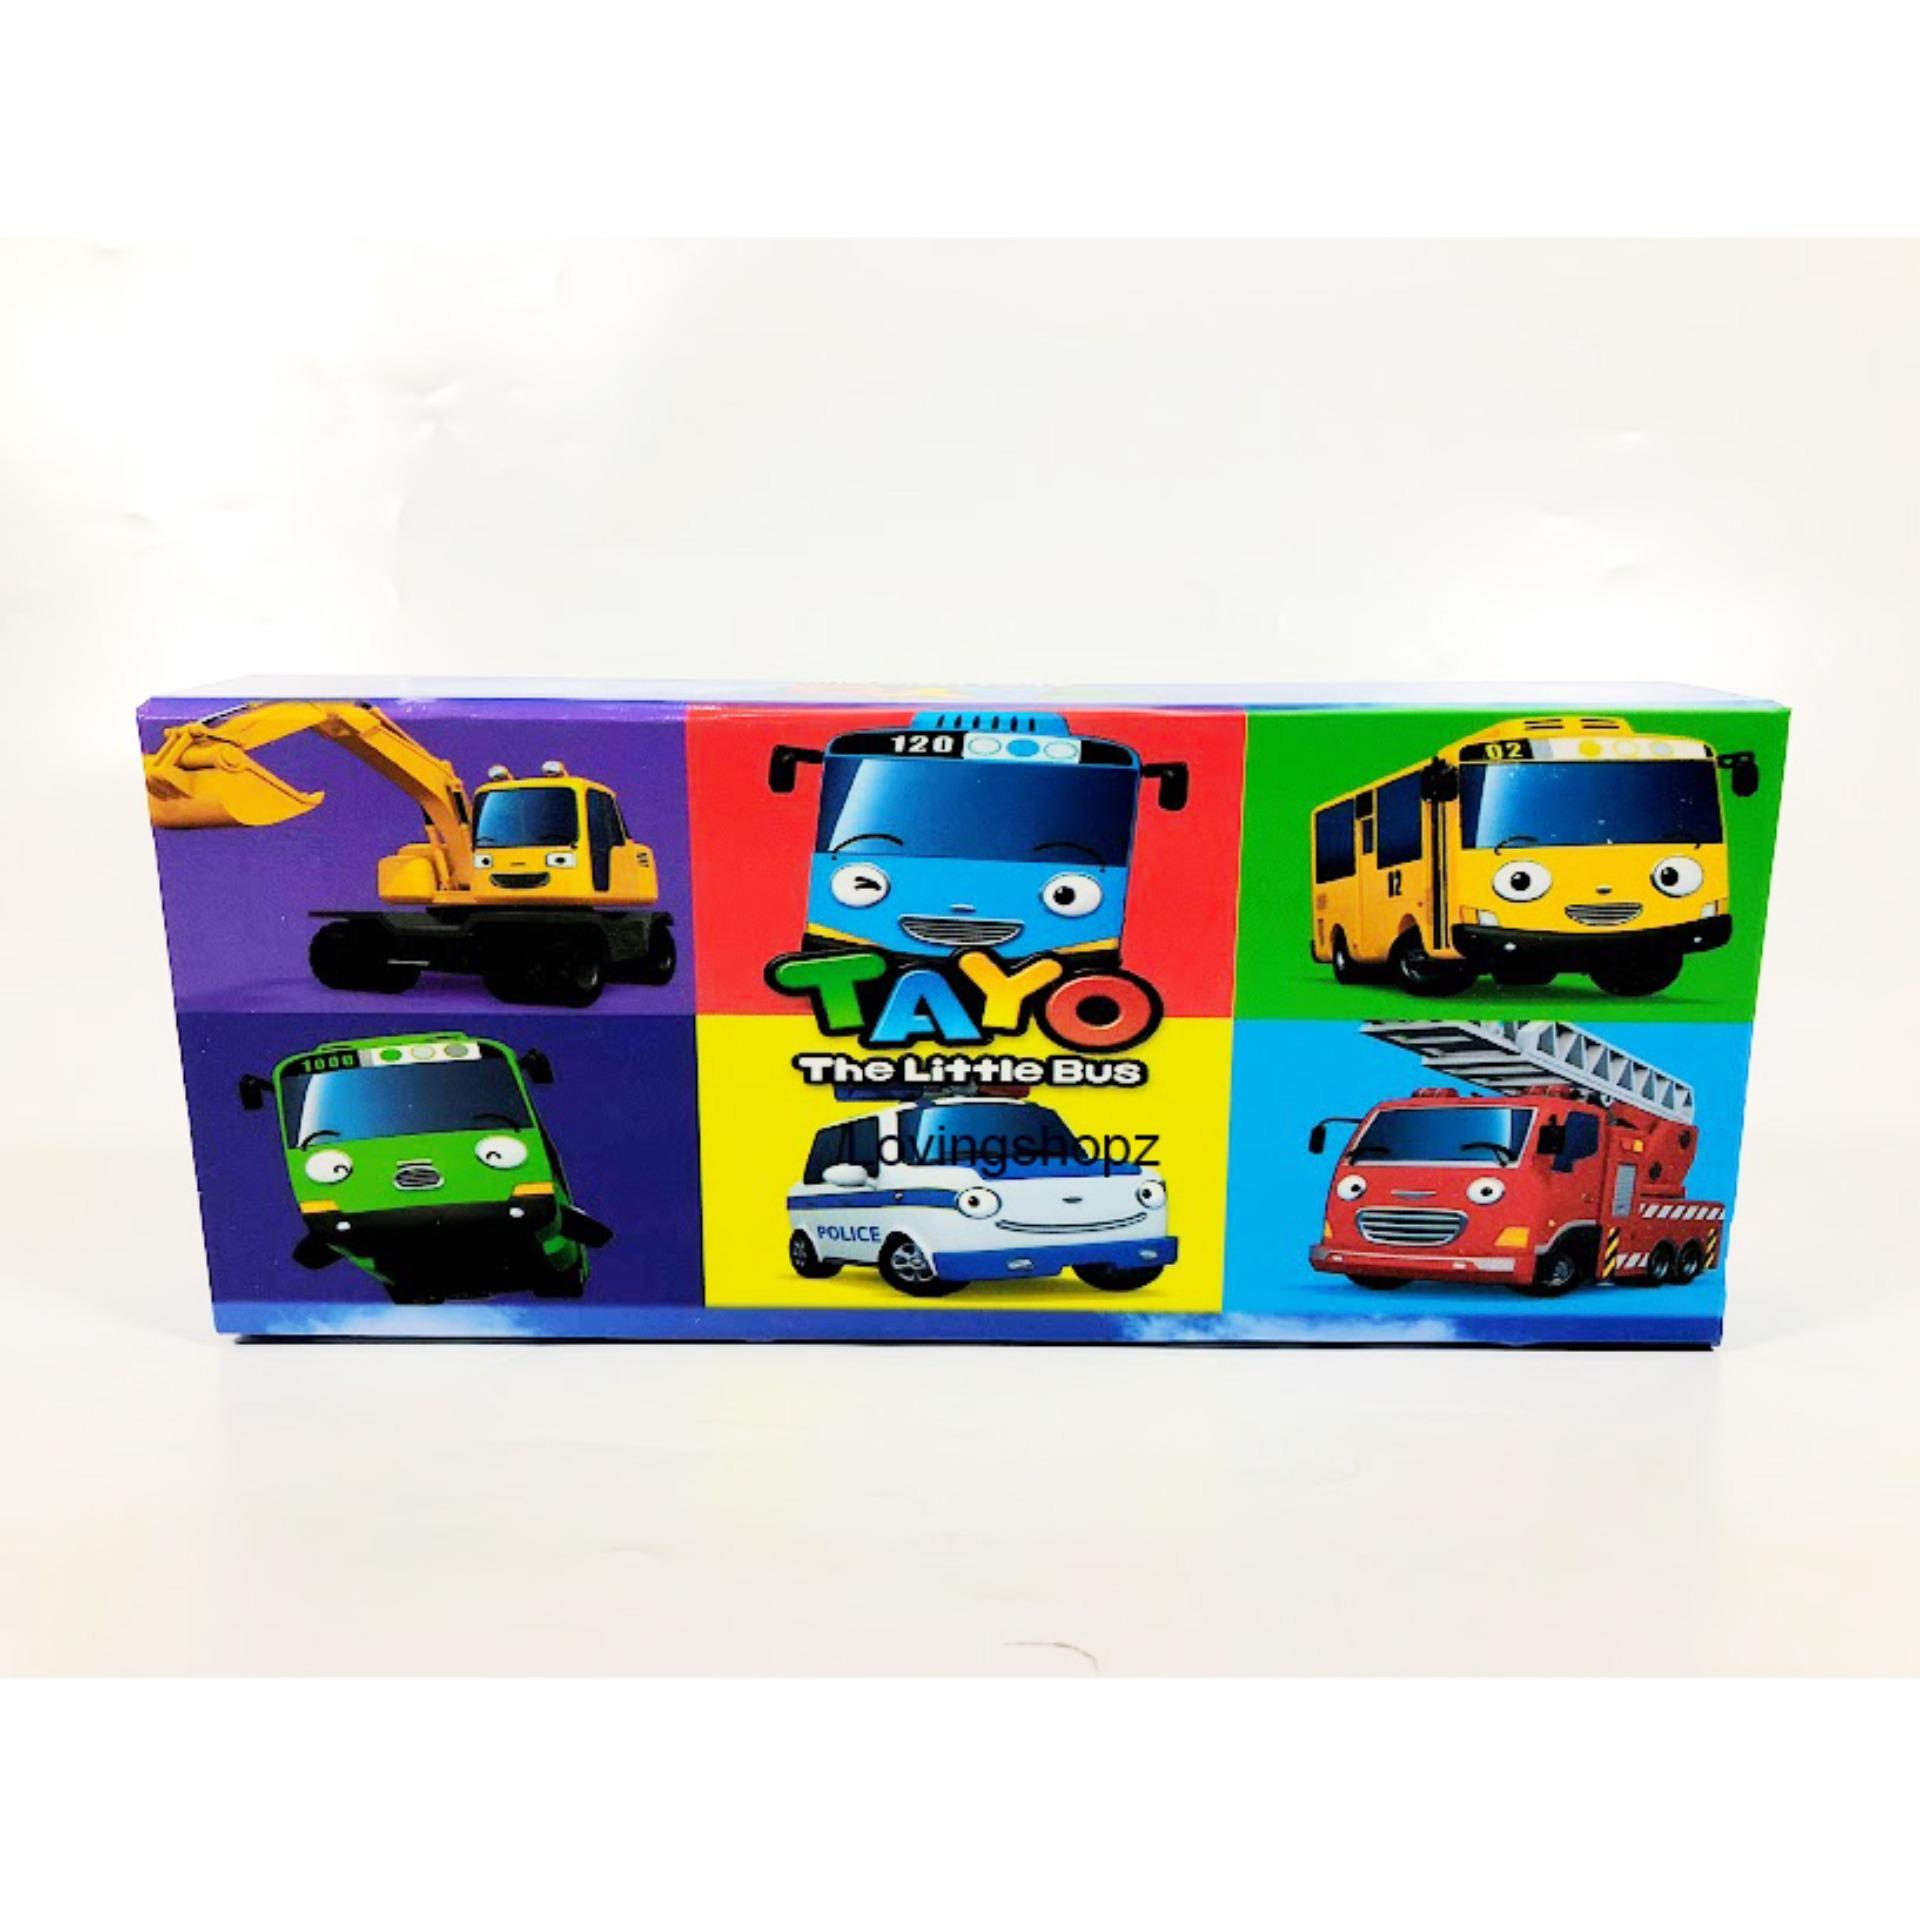 Kotak Pensil Kayu The little bus tayo